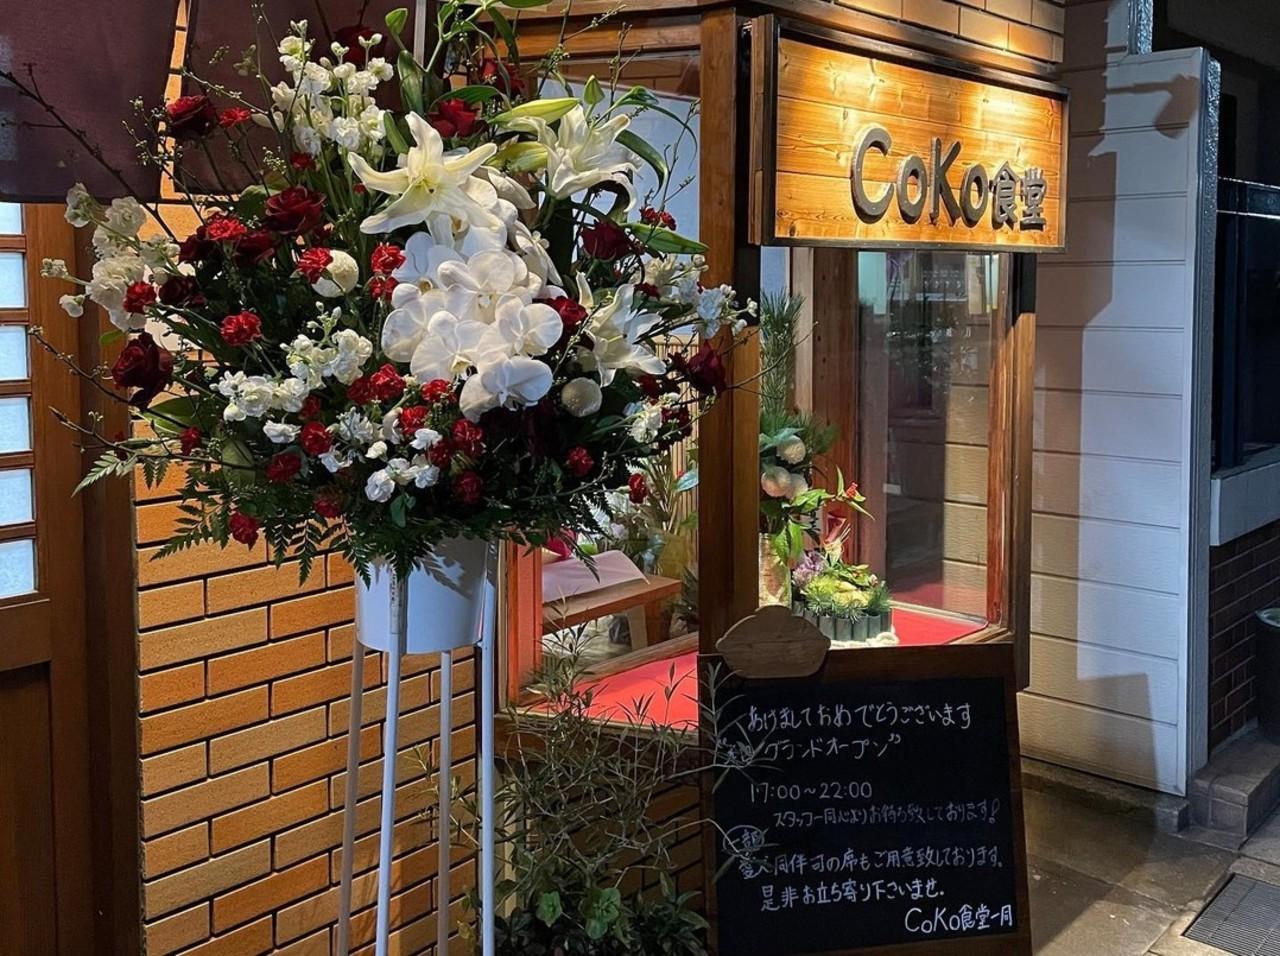 兵庫県神戸市東灘区本庄町3丁目に「CoKo食堂」が1/5グランドオープンされたようです。